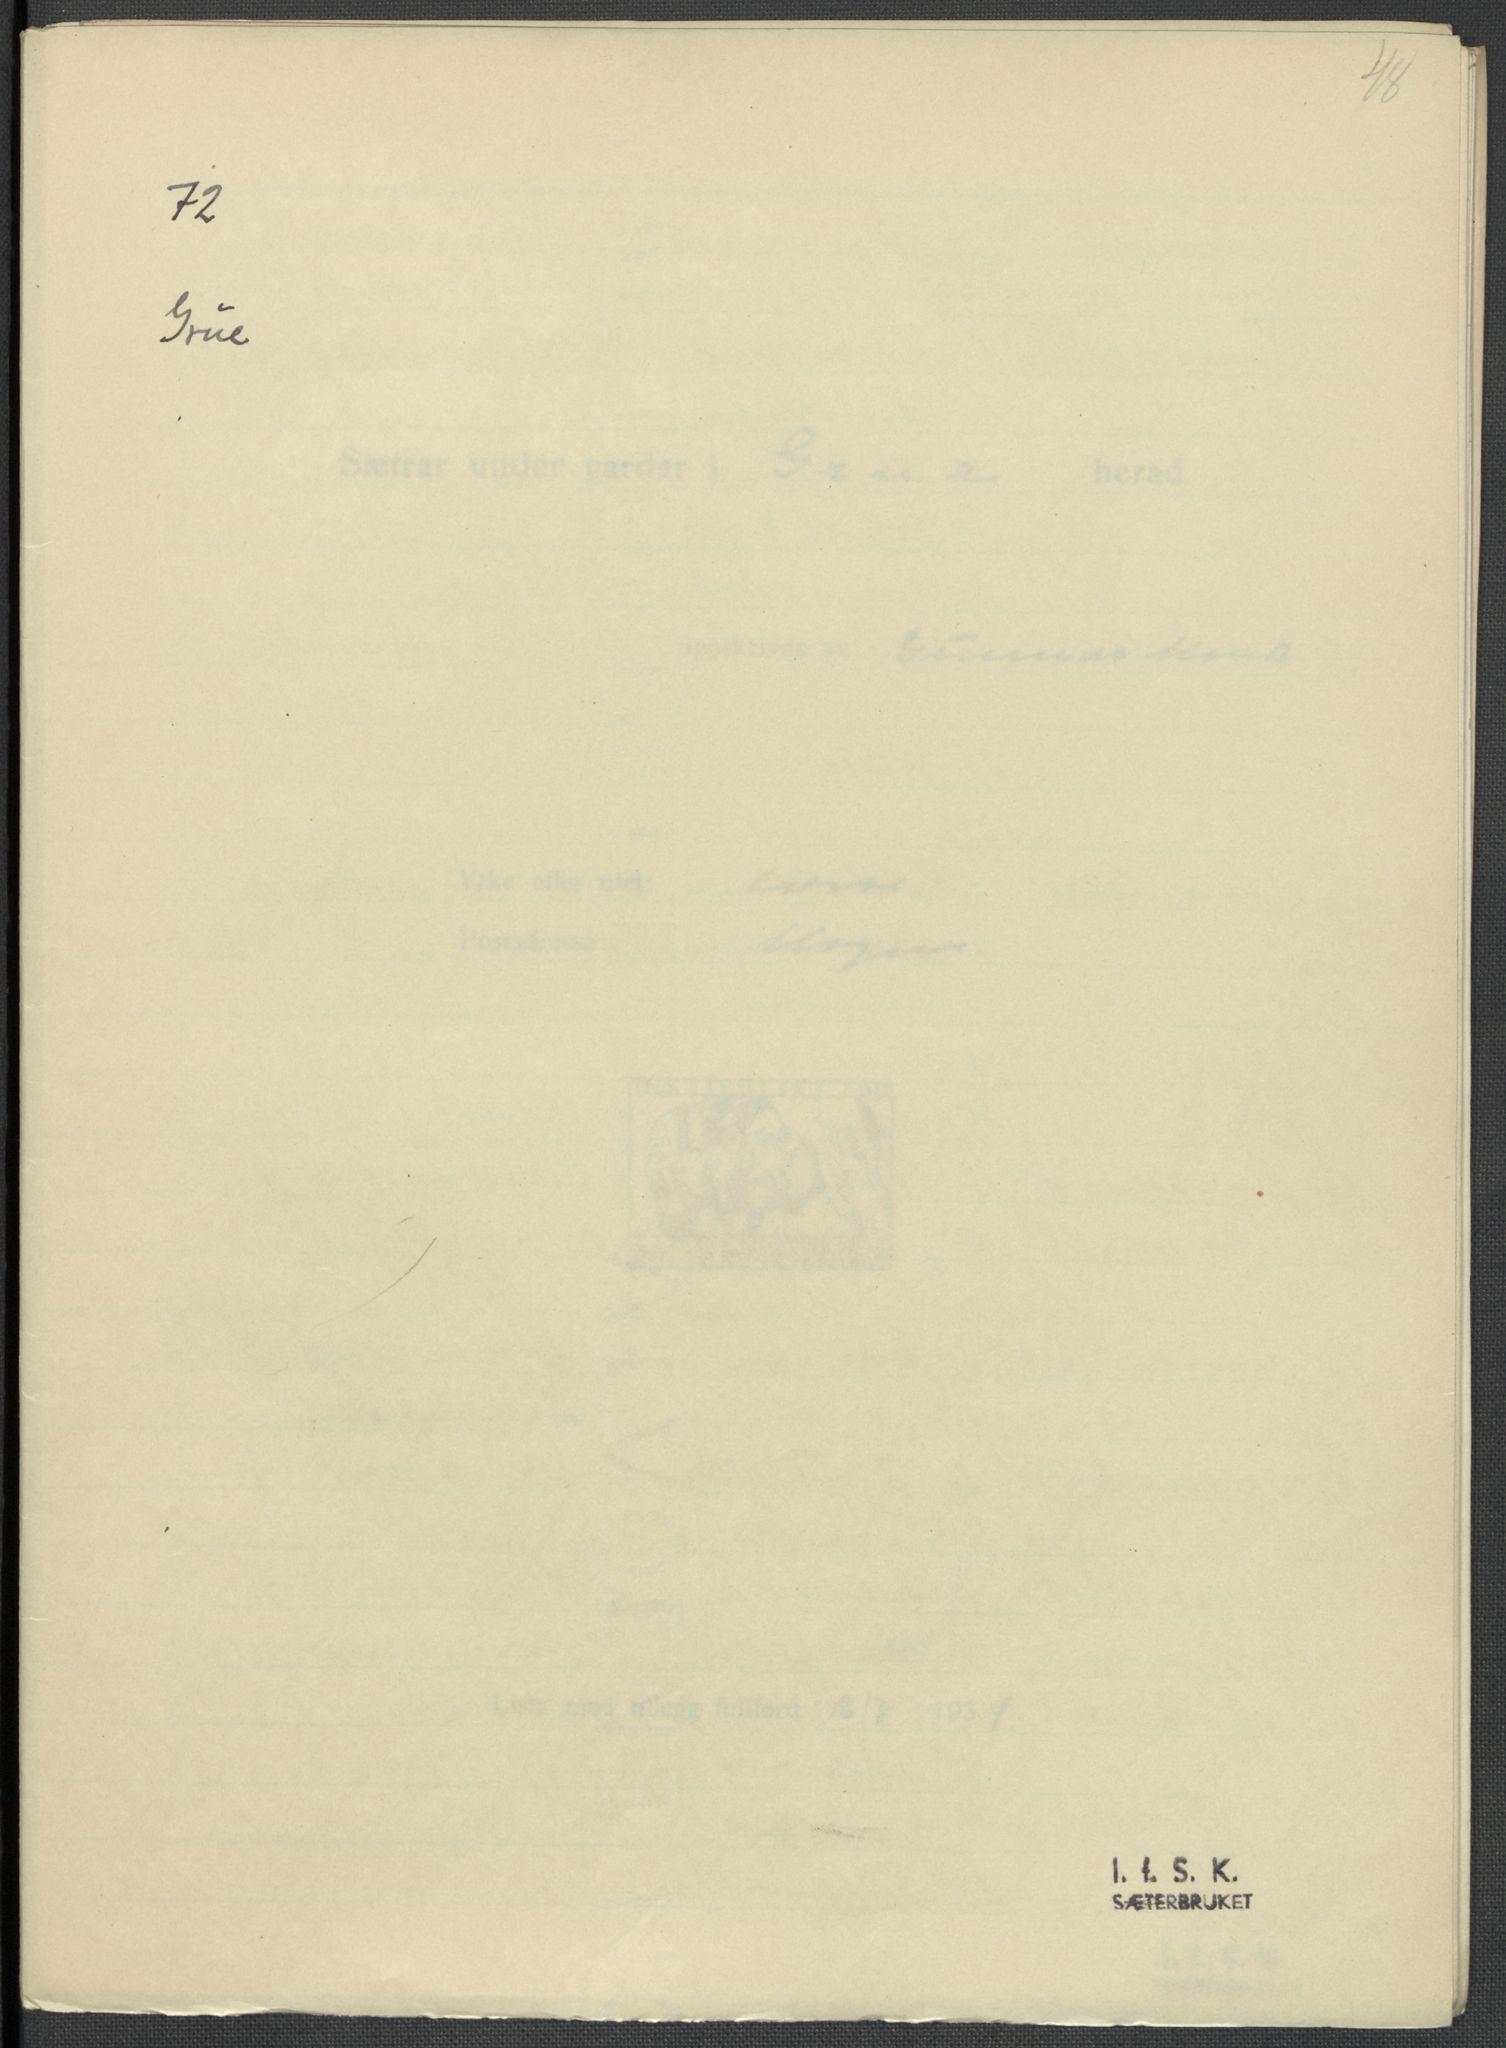 RA, Instituttet for sammenlignende kulturforskning, F/Fc/L0003: Eske B3:, 1934-1935, s. 48